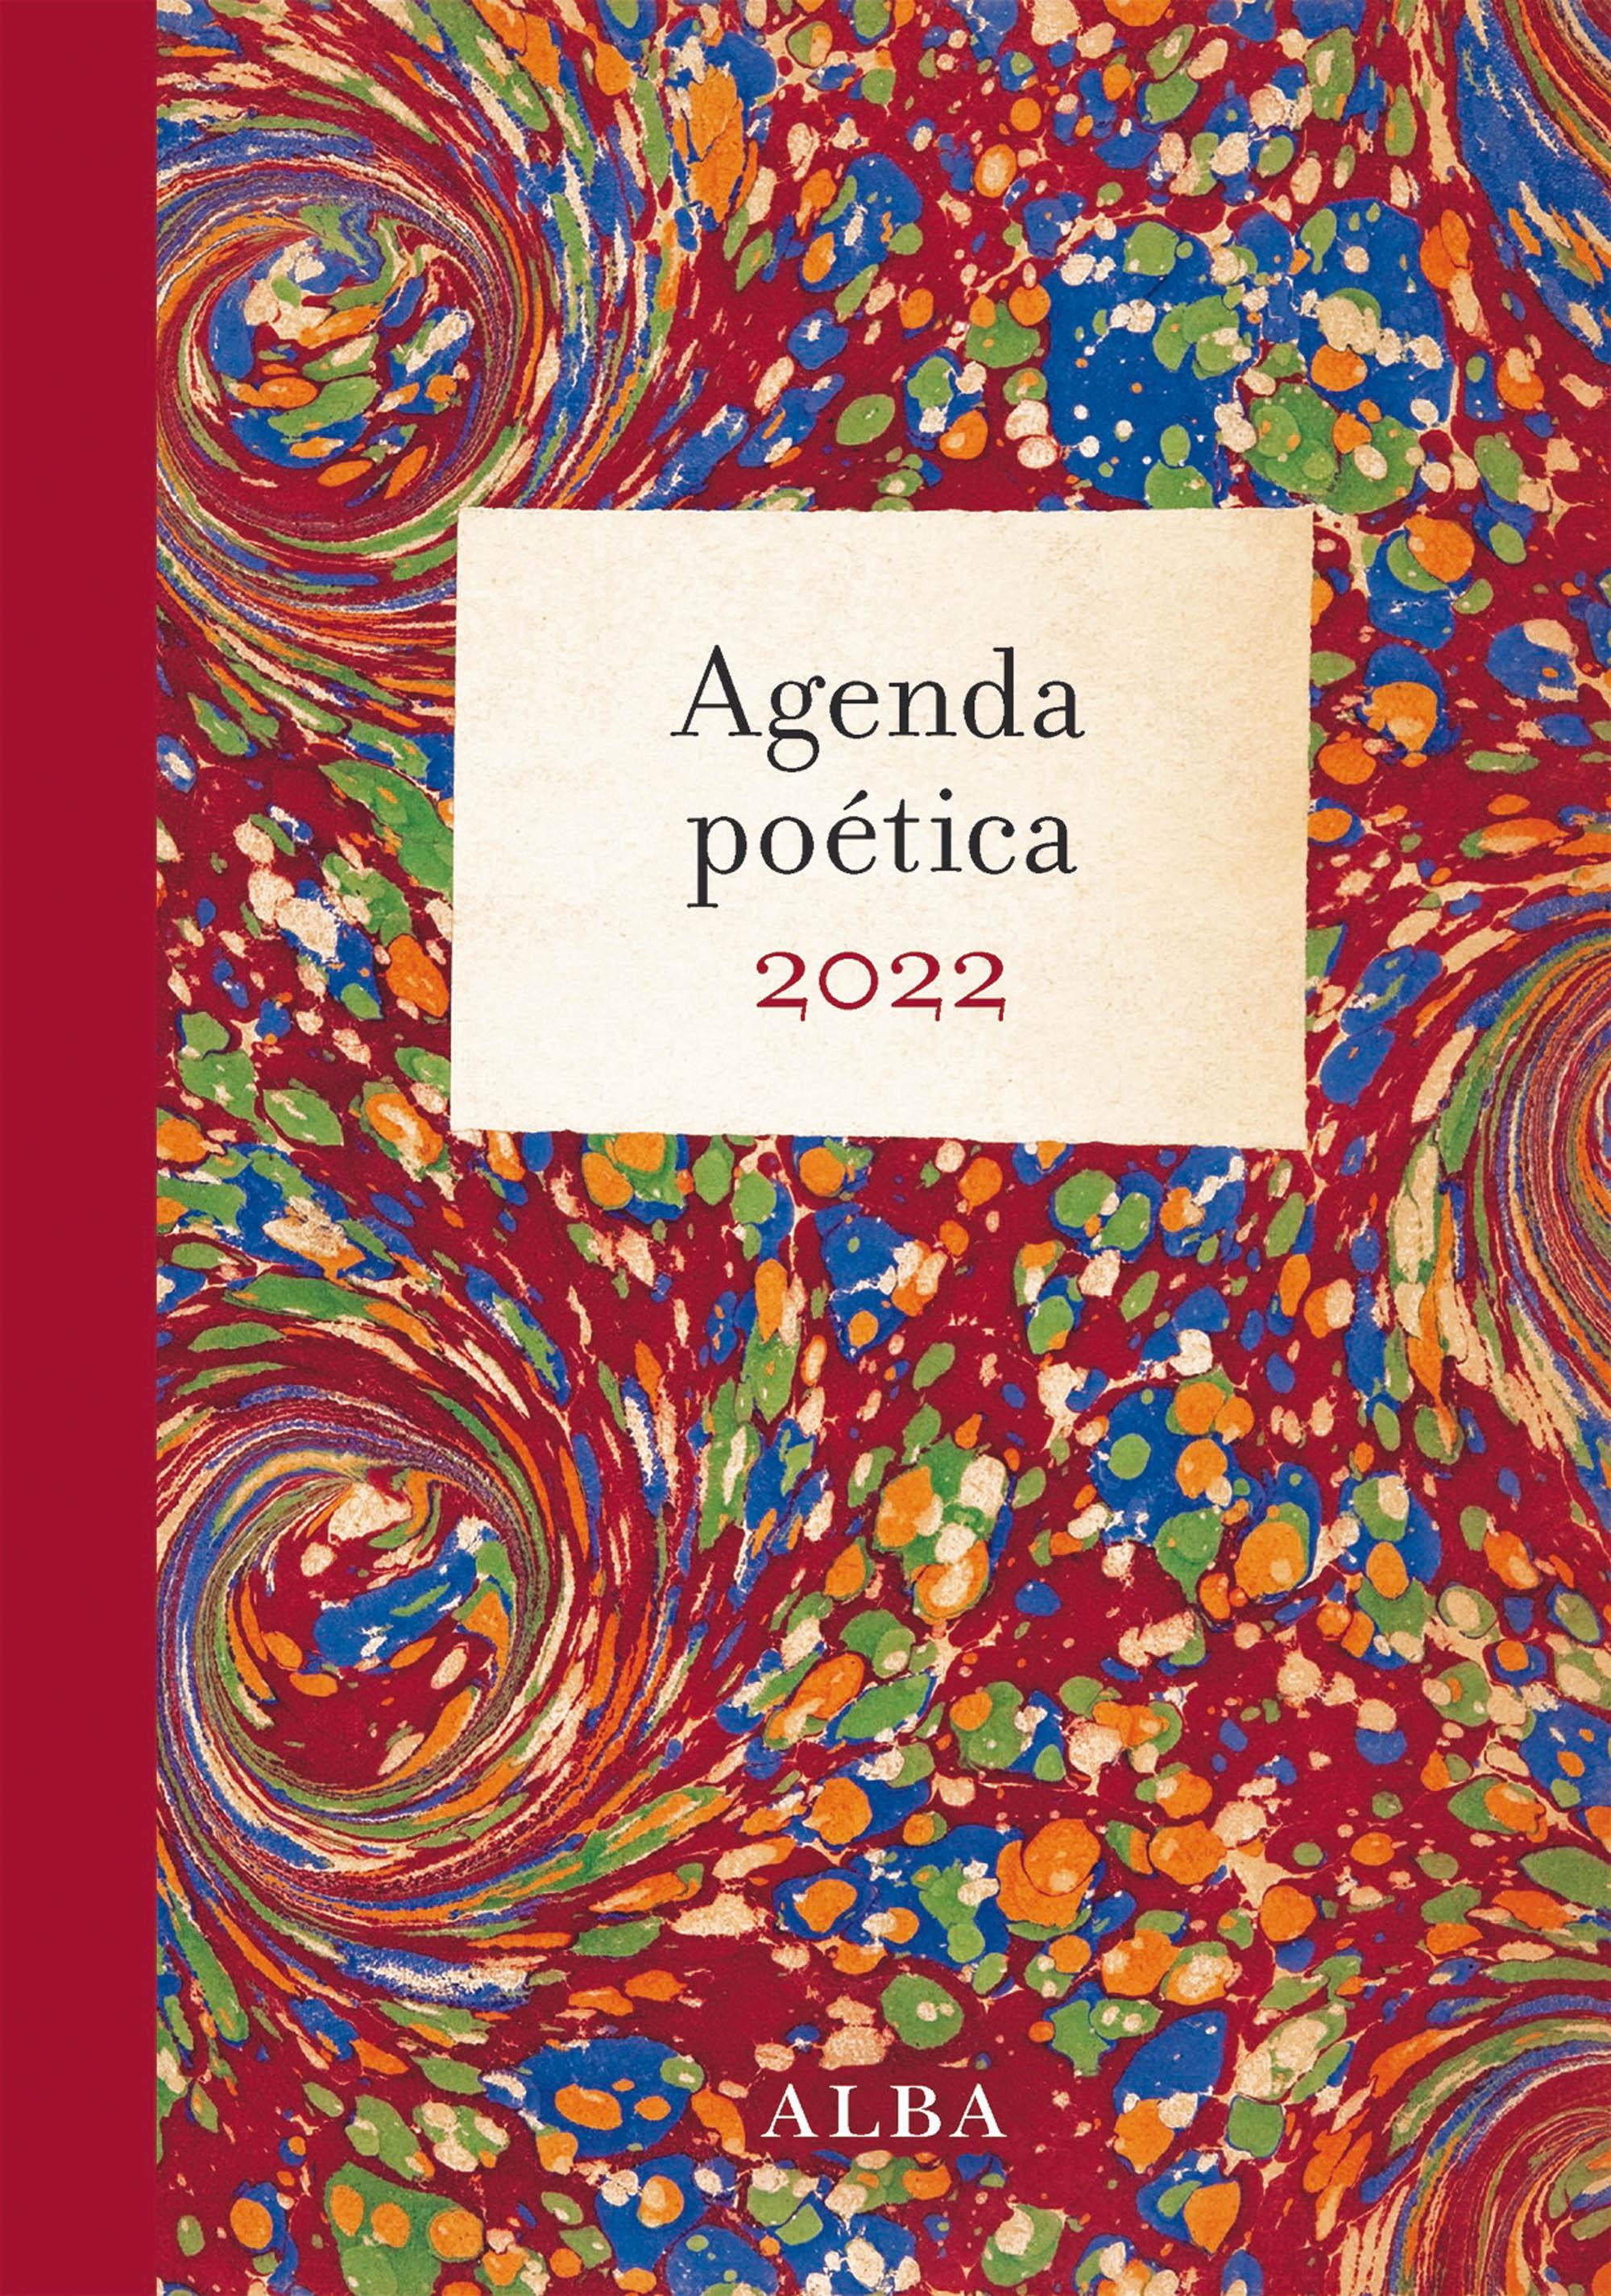 Agenda poética 2022